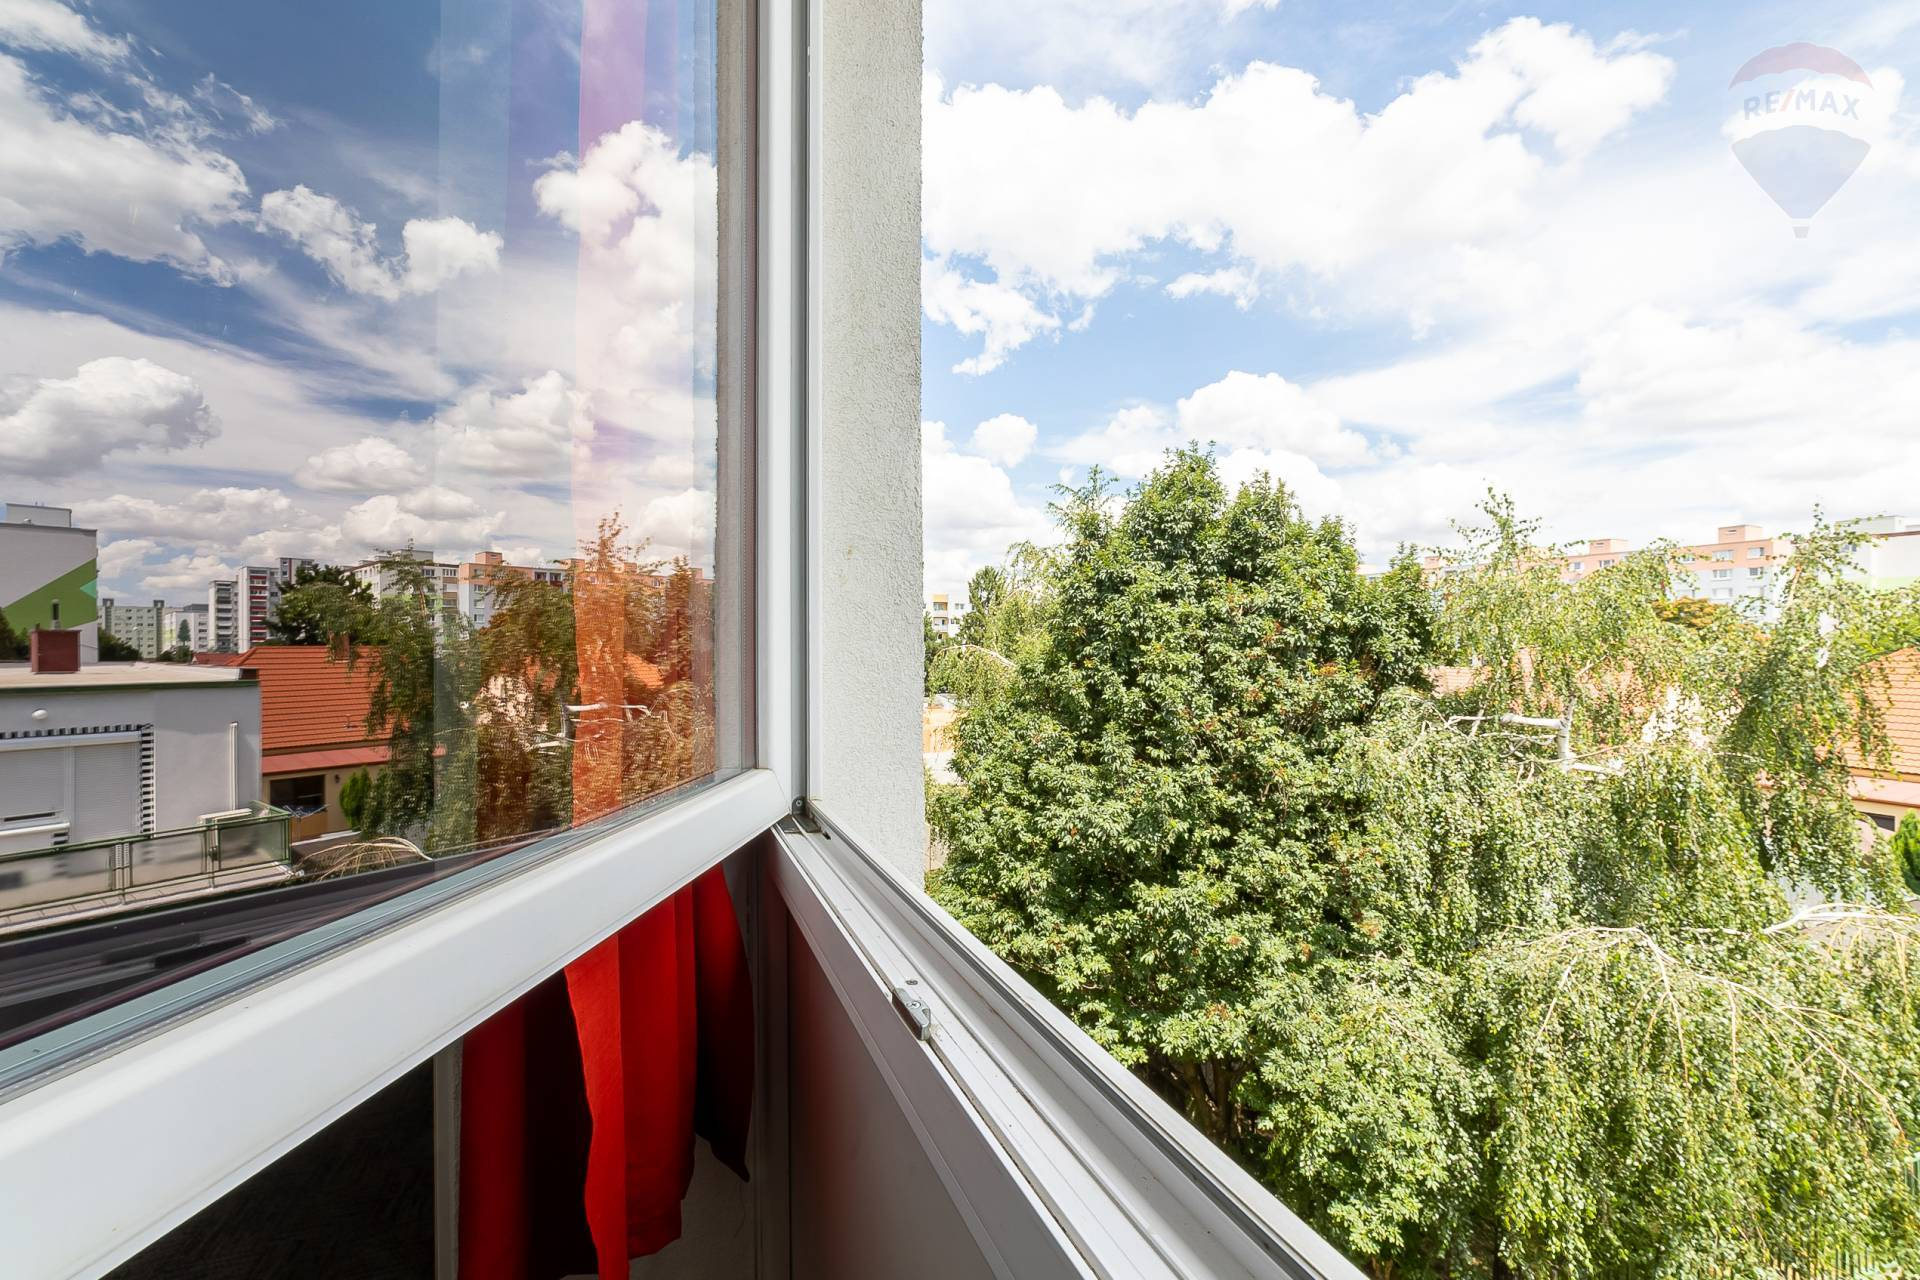 3 - izb byt na skvelom mieste - pôvodný stav, kvalitné nové okná, vzácna dispozícia - Estónska